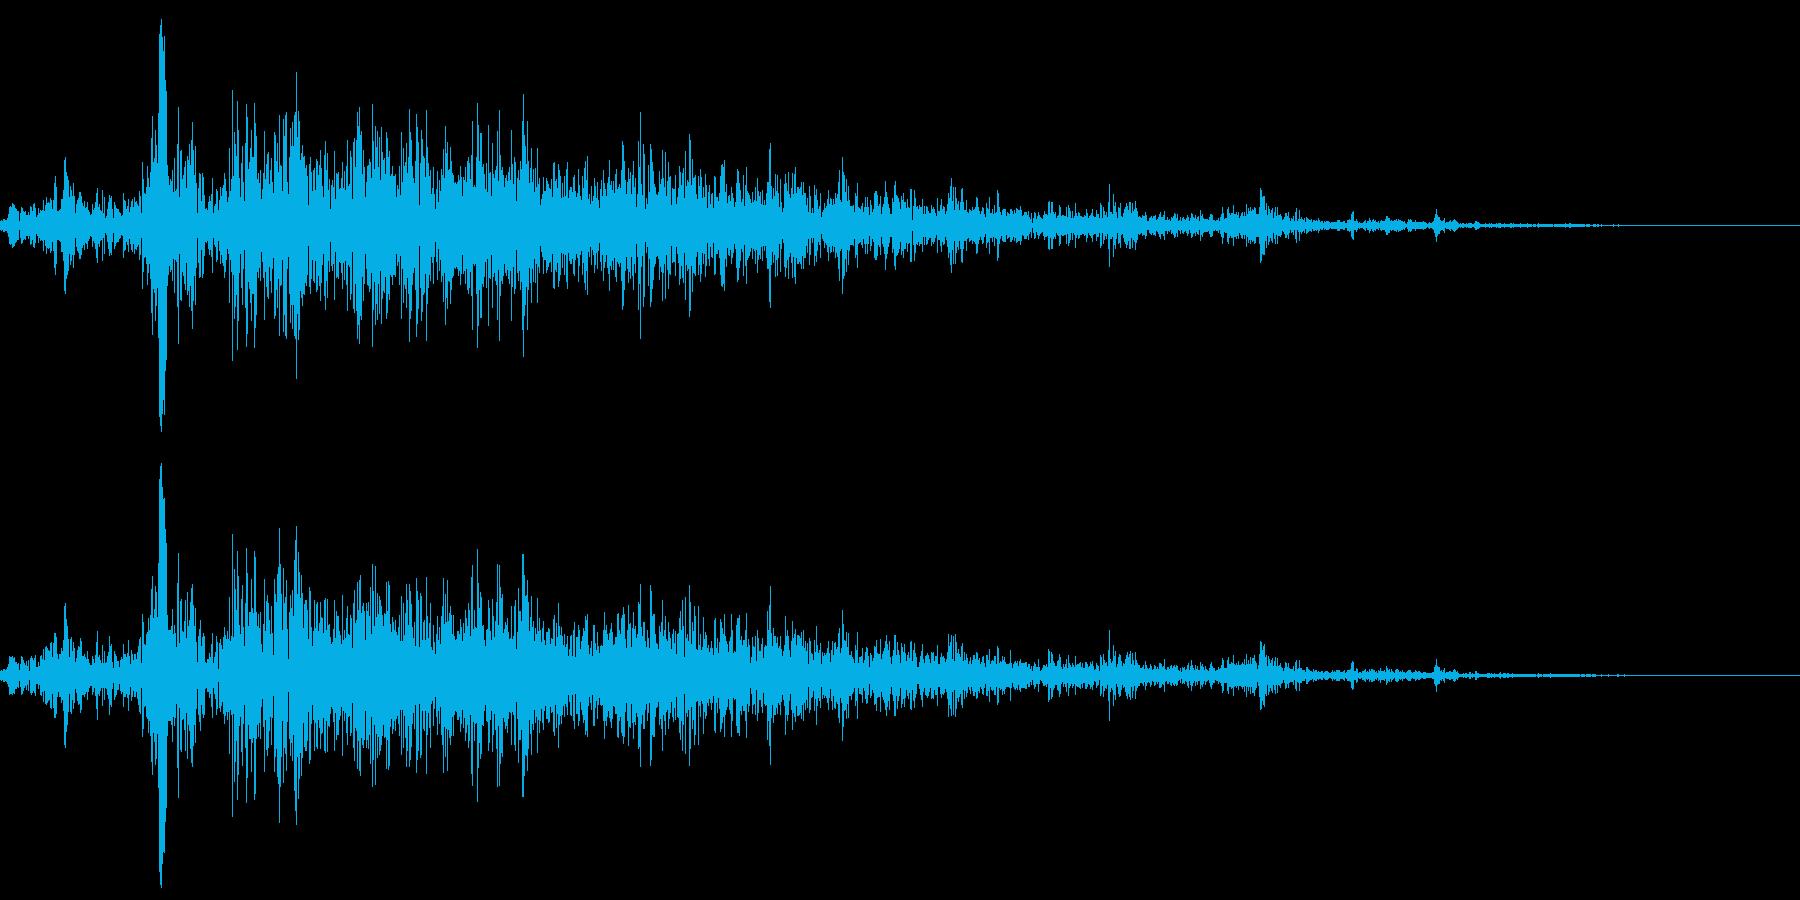 モンスター・海洋生物の触手が素早く伸びるの再生済みの波形